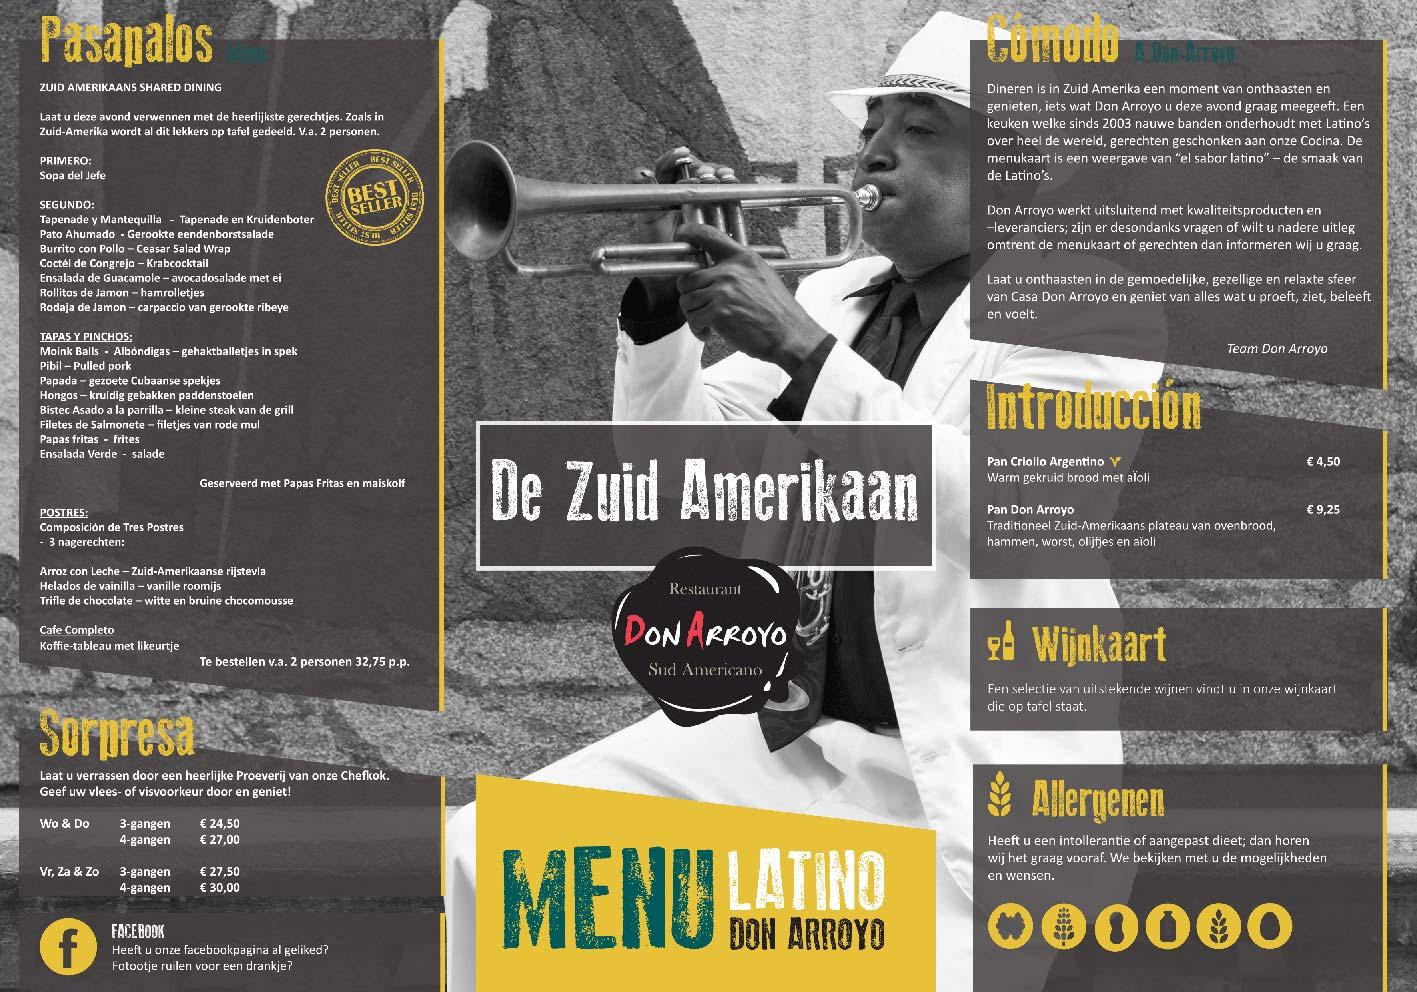 Creativv |Voorbeeld grafisch vormgeving menukaart restaurant Don Arroyo: Logo, huisstijl, brochures, visitekaartjes, flyers en online banners ontwerpen